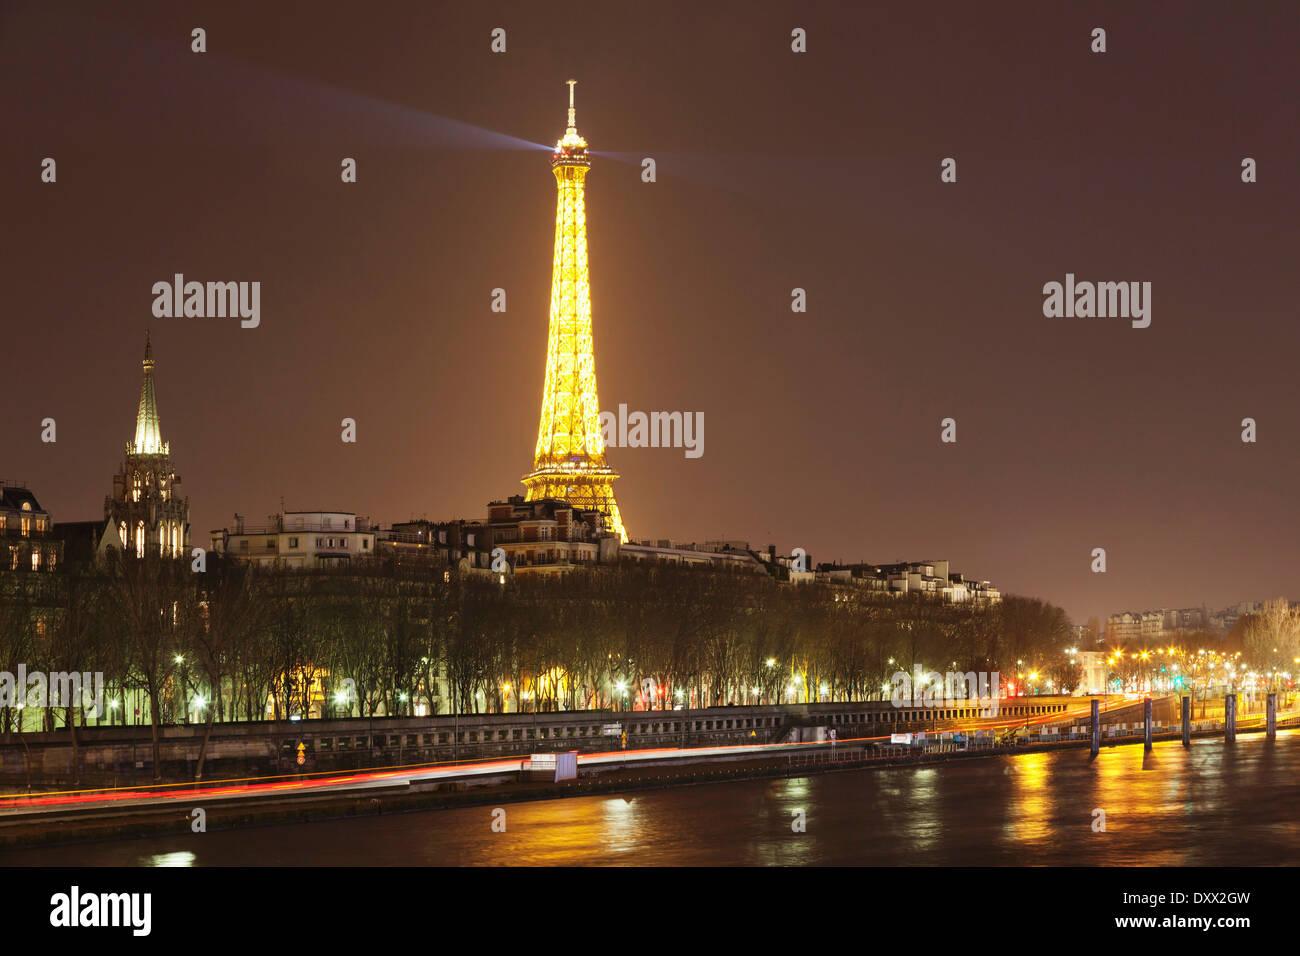 Seine and Eiffel Tower, Paris, Region of Île-de-France, France - Stock Image